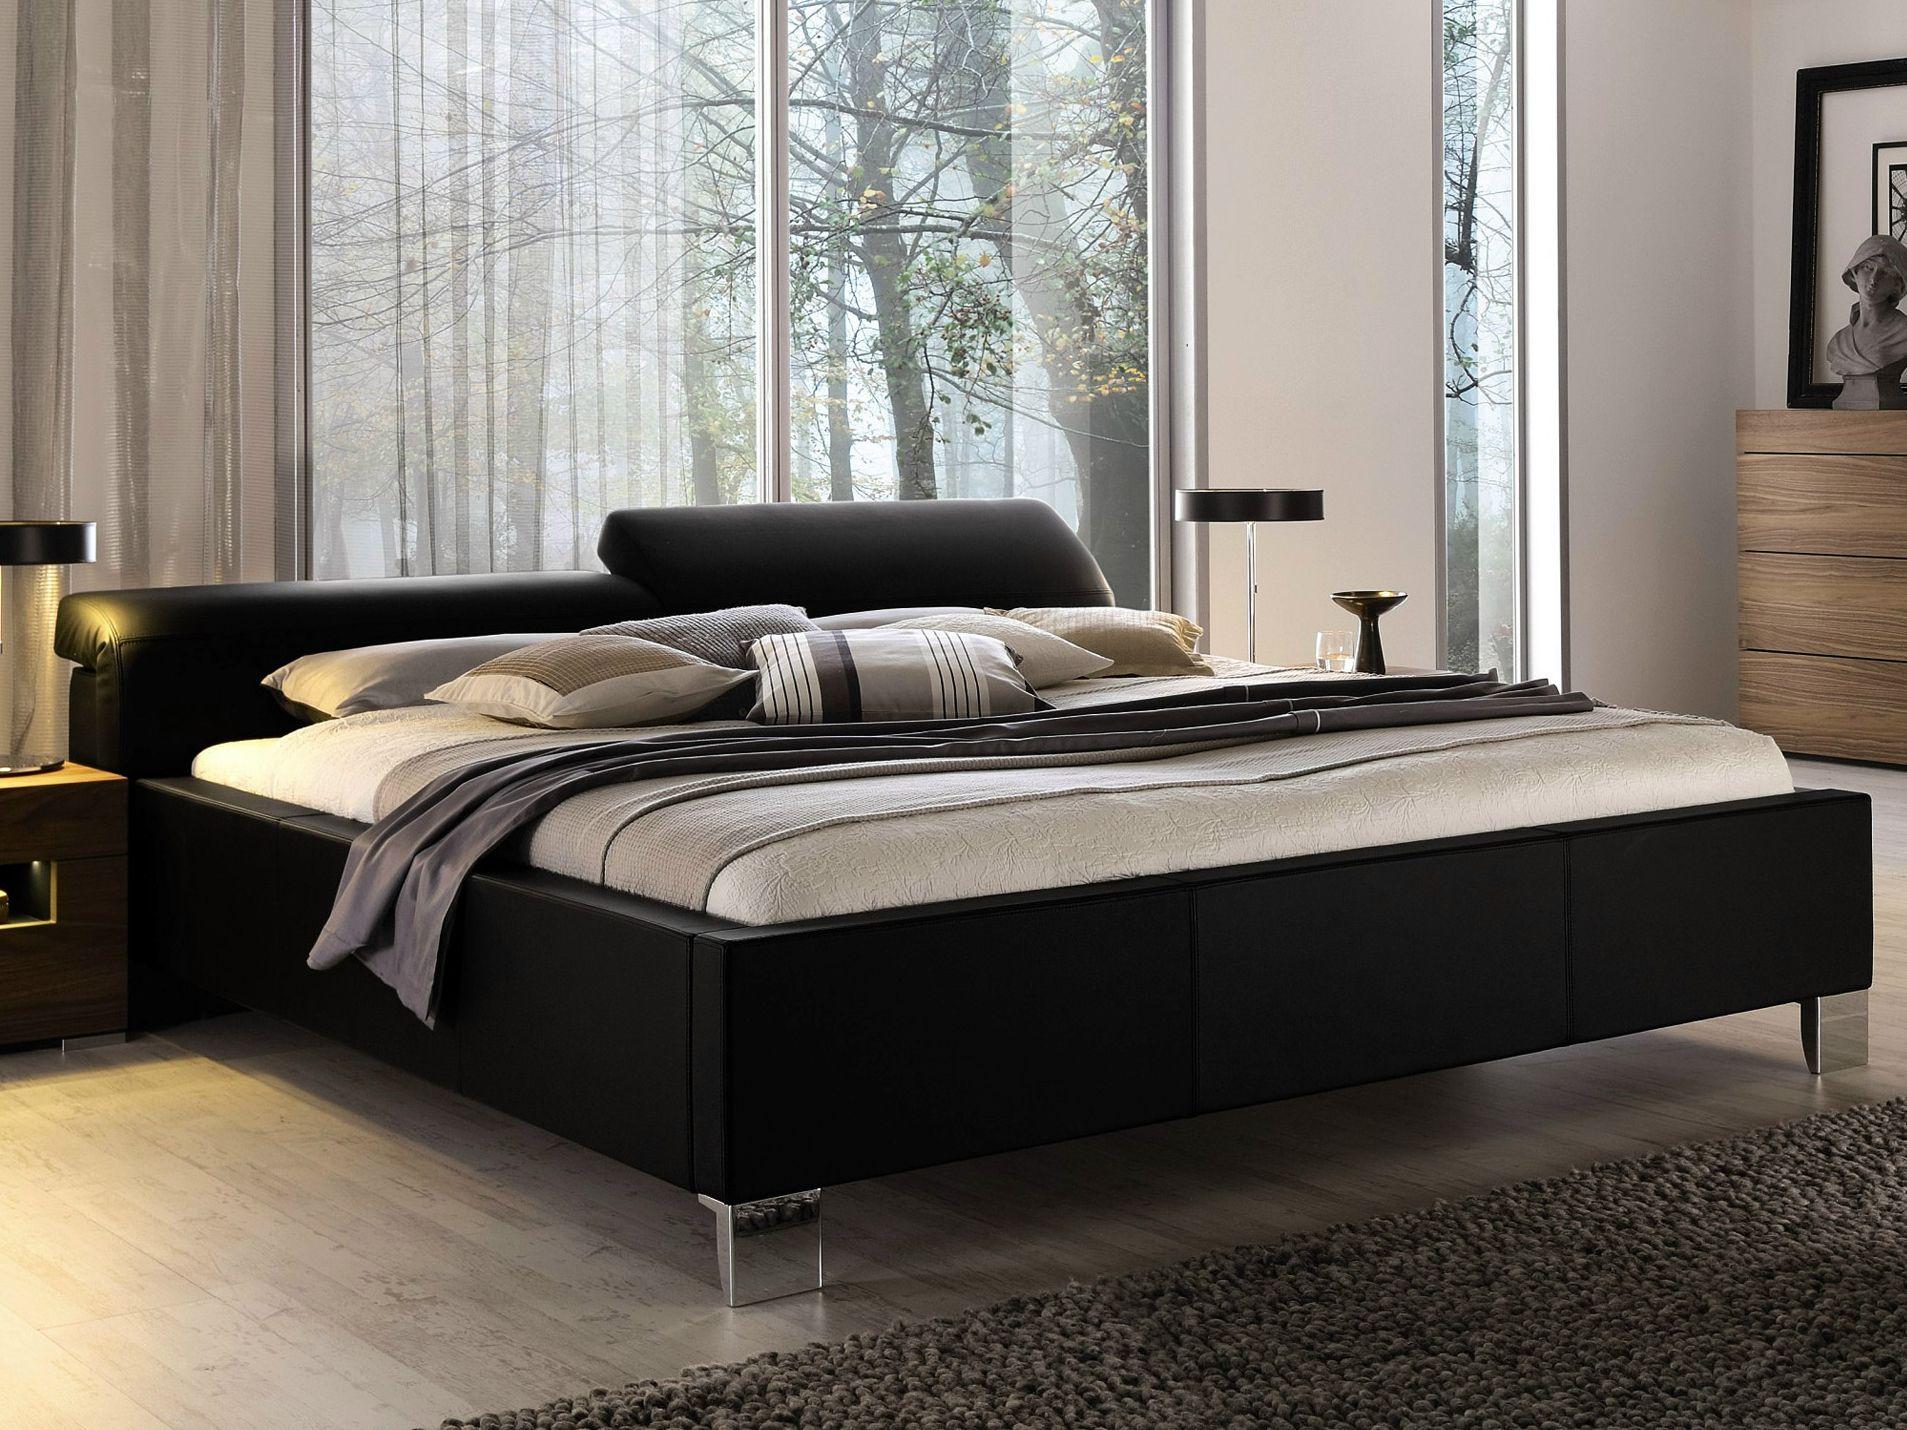 doppelbett aus leder mit verstellbarem kopfteil kollektion elumo ii by h lsta werke h ls. Black Bedroom Furniture Sets. Home Design Ideas